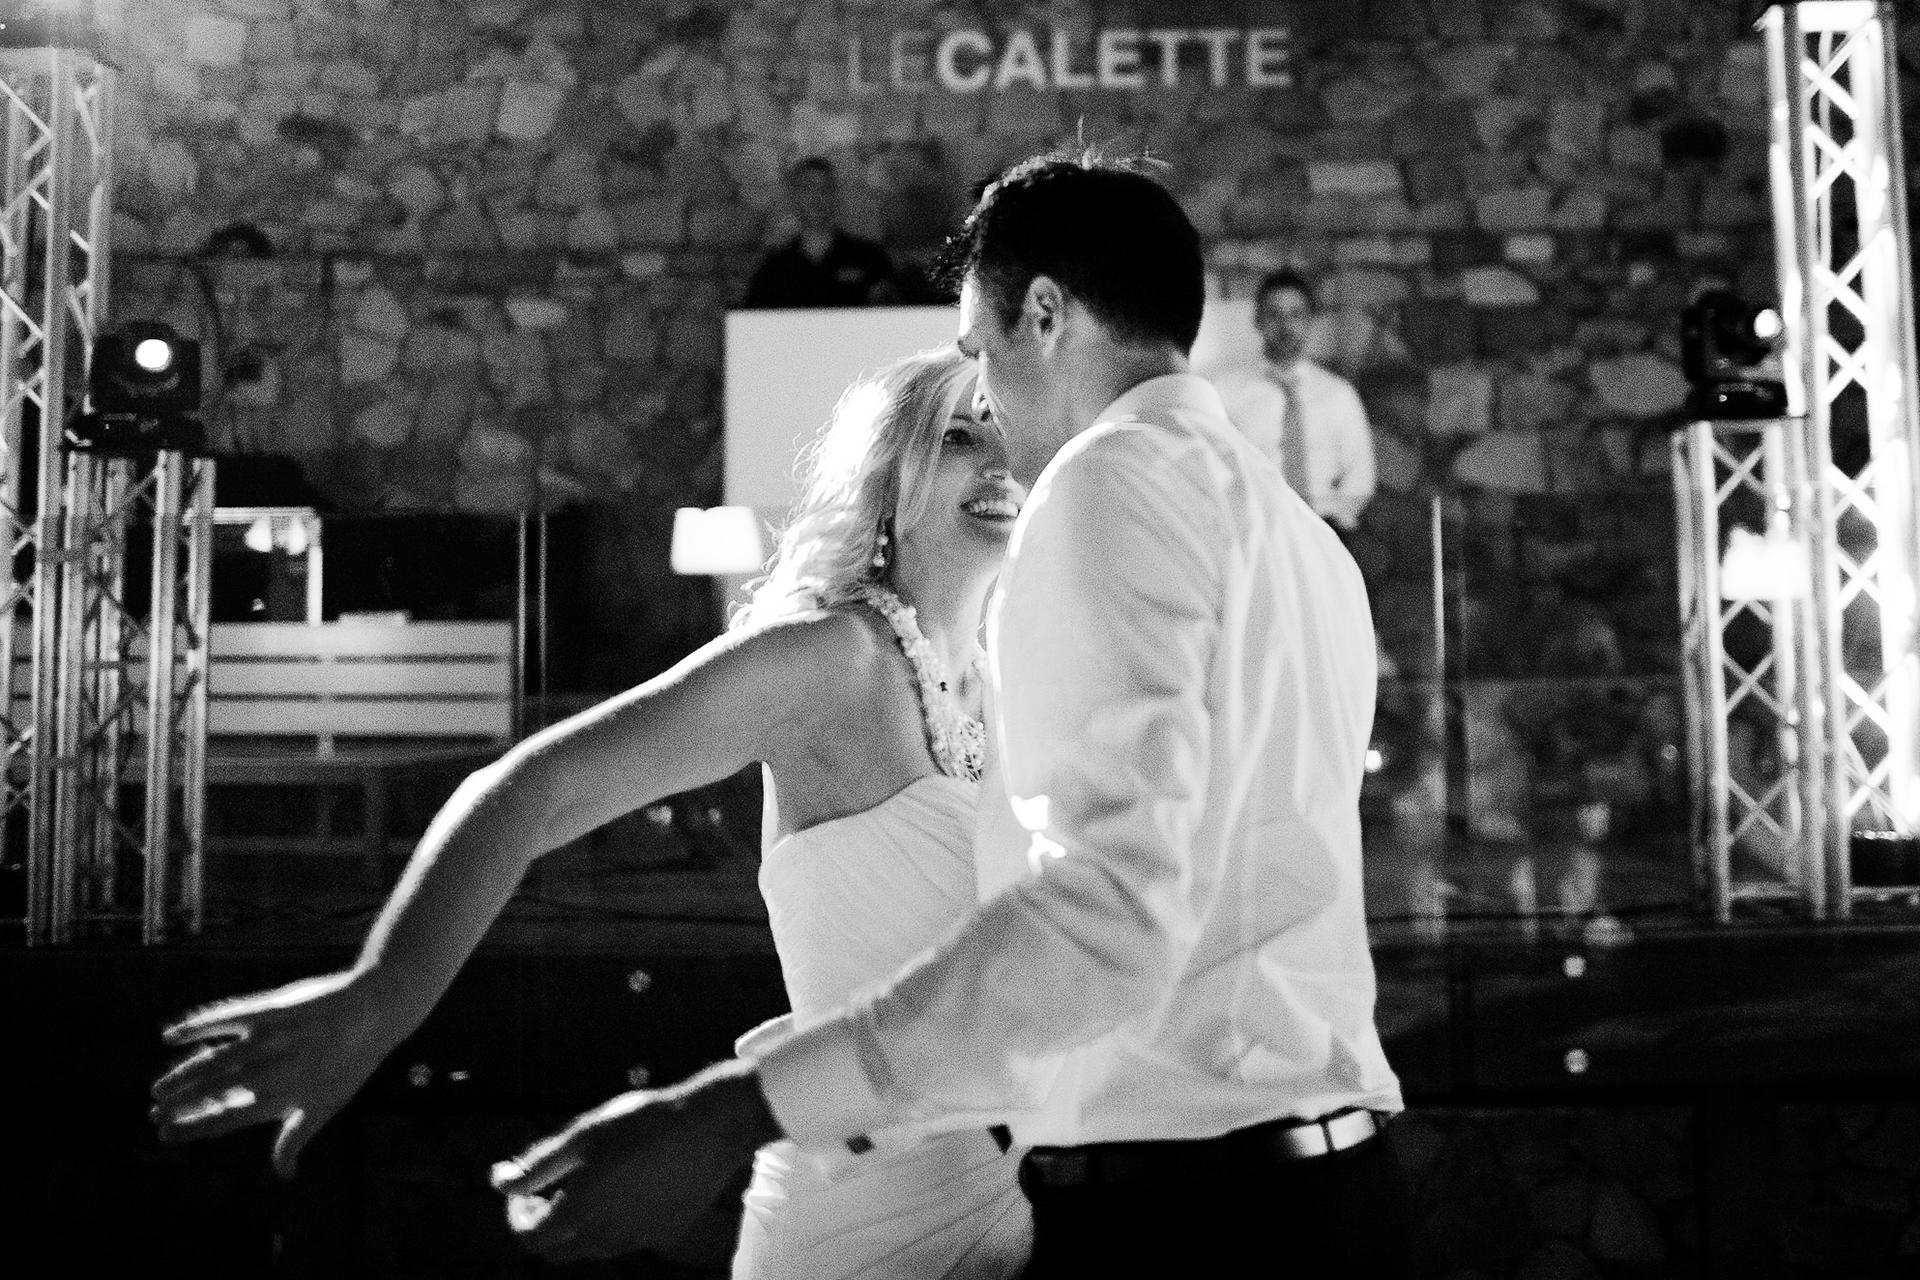 Immagine prima danza coppia sposi Sicilia primo ballo come marito e moglie